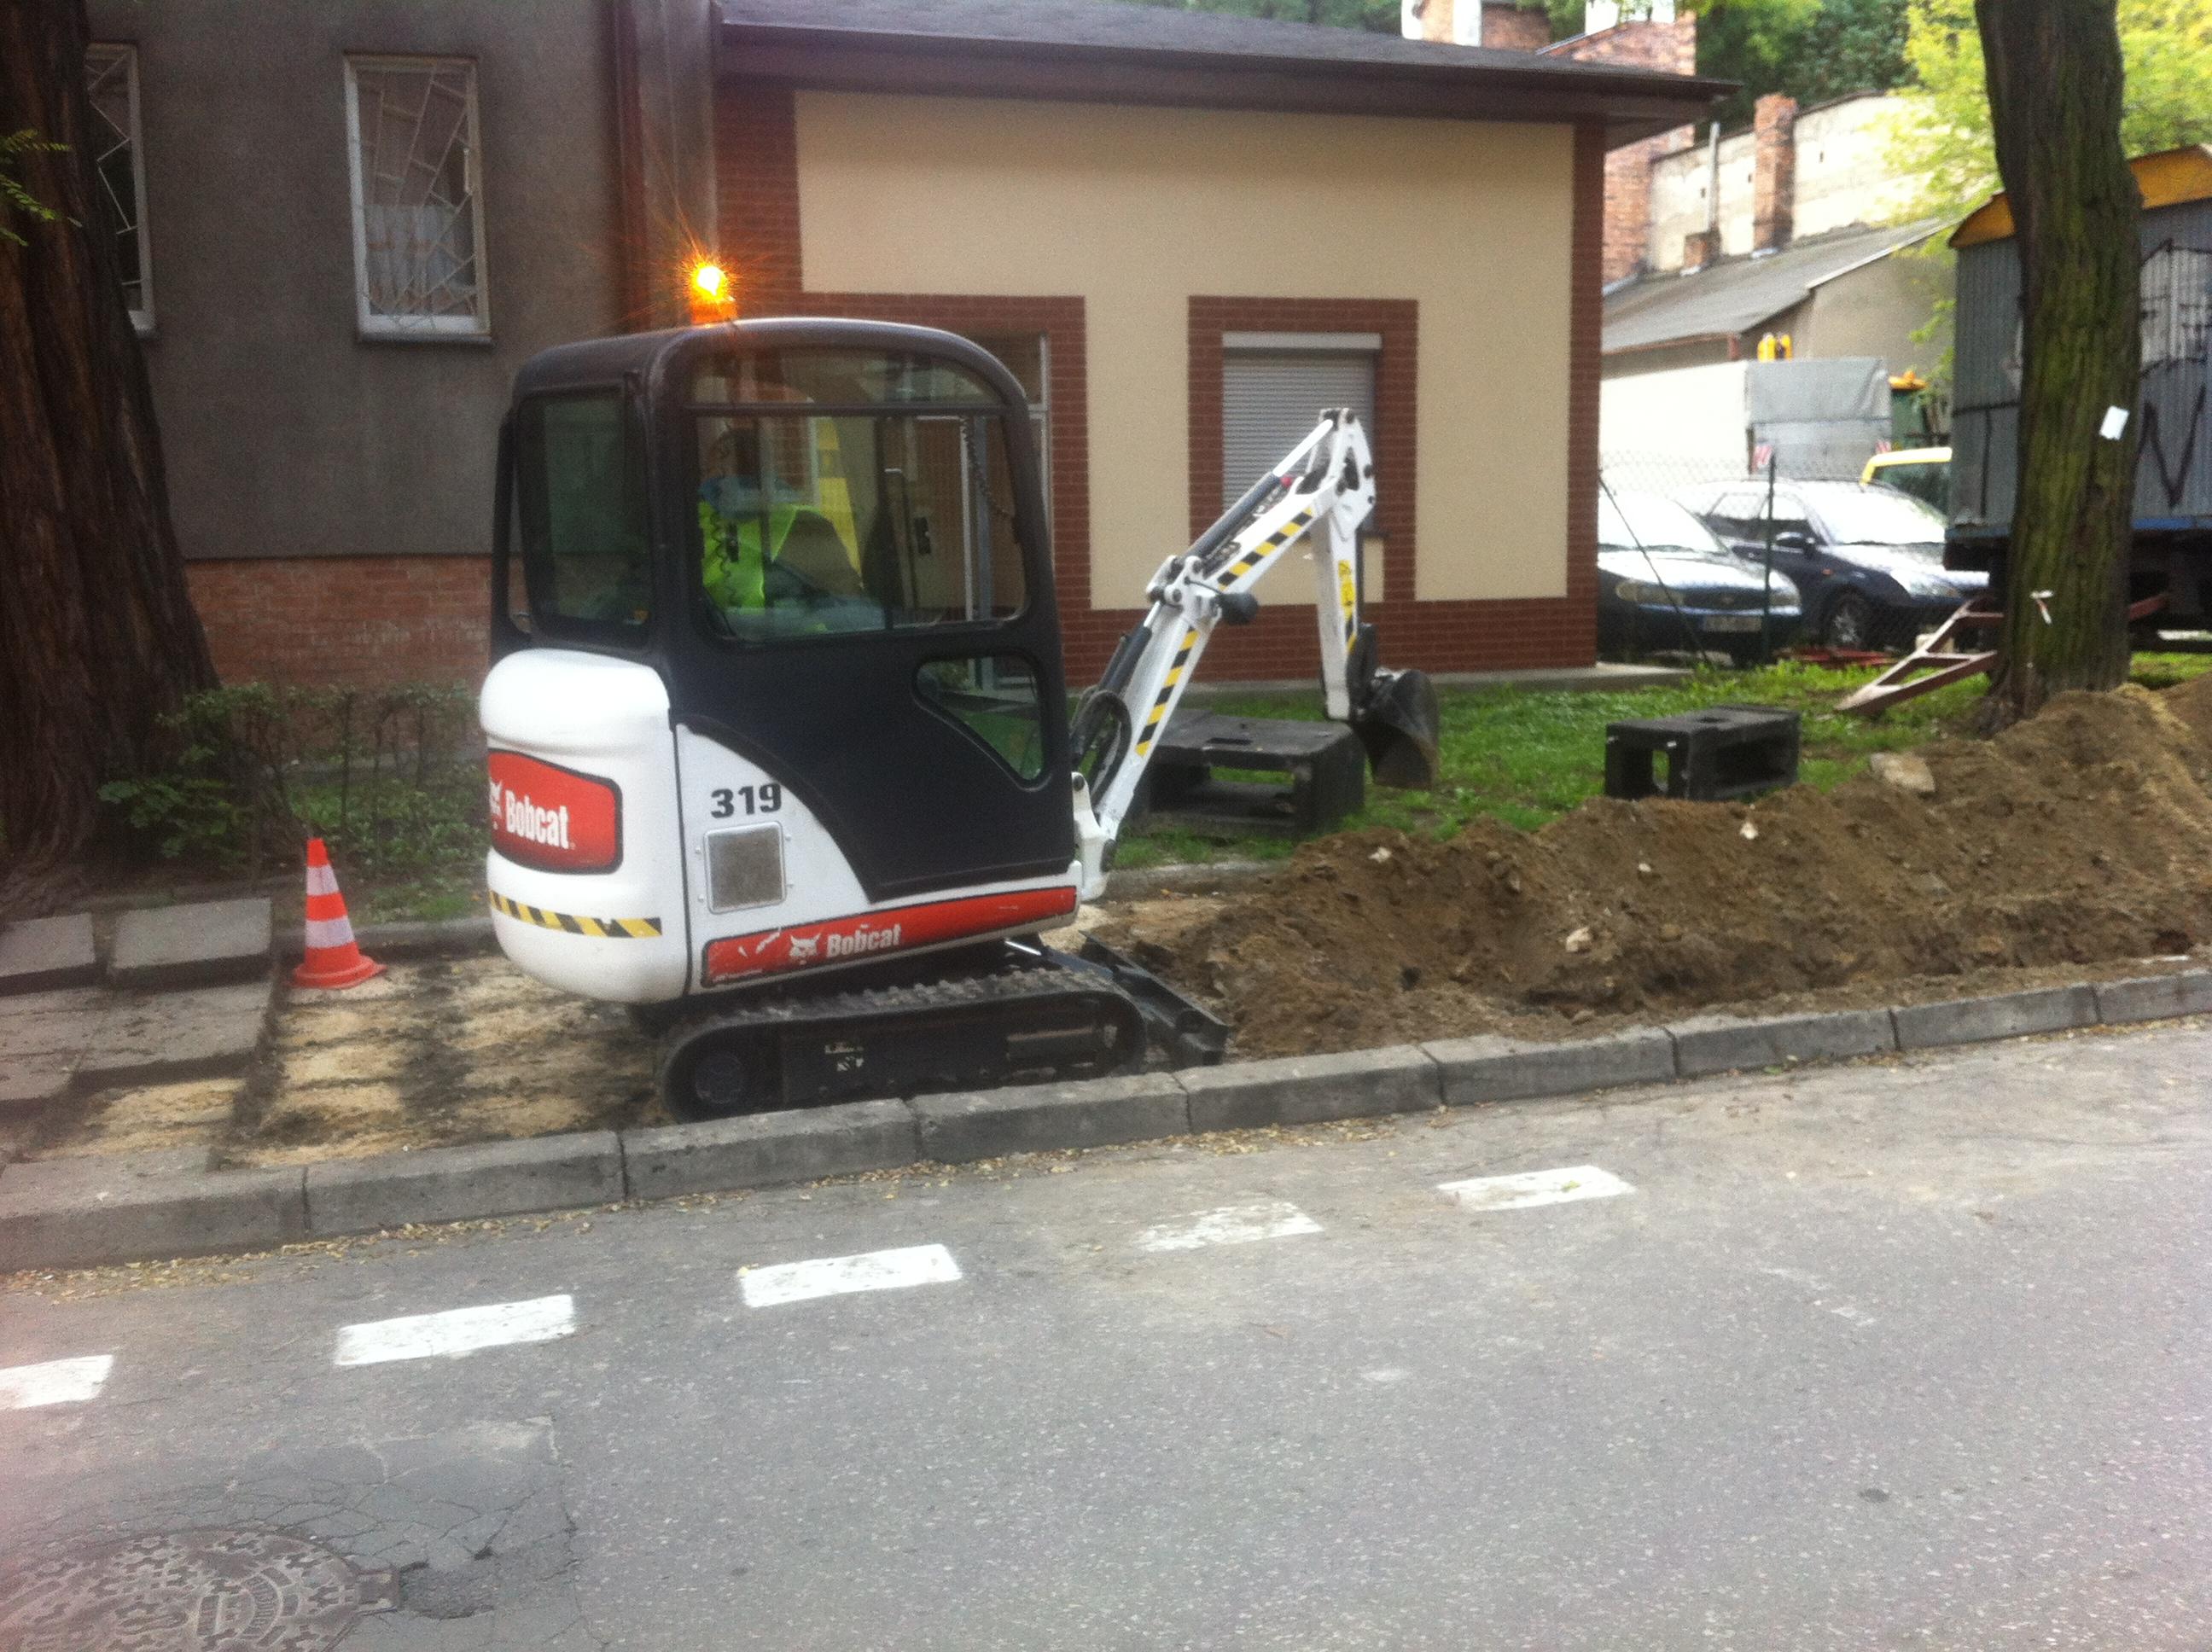 """zdjecie 133 4 - Modernizacja oświetlenia w Krakowie - Projekt """"Sowa"""" - koparka kraków"""